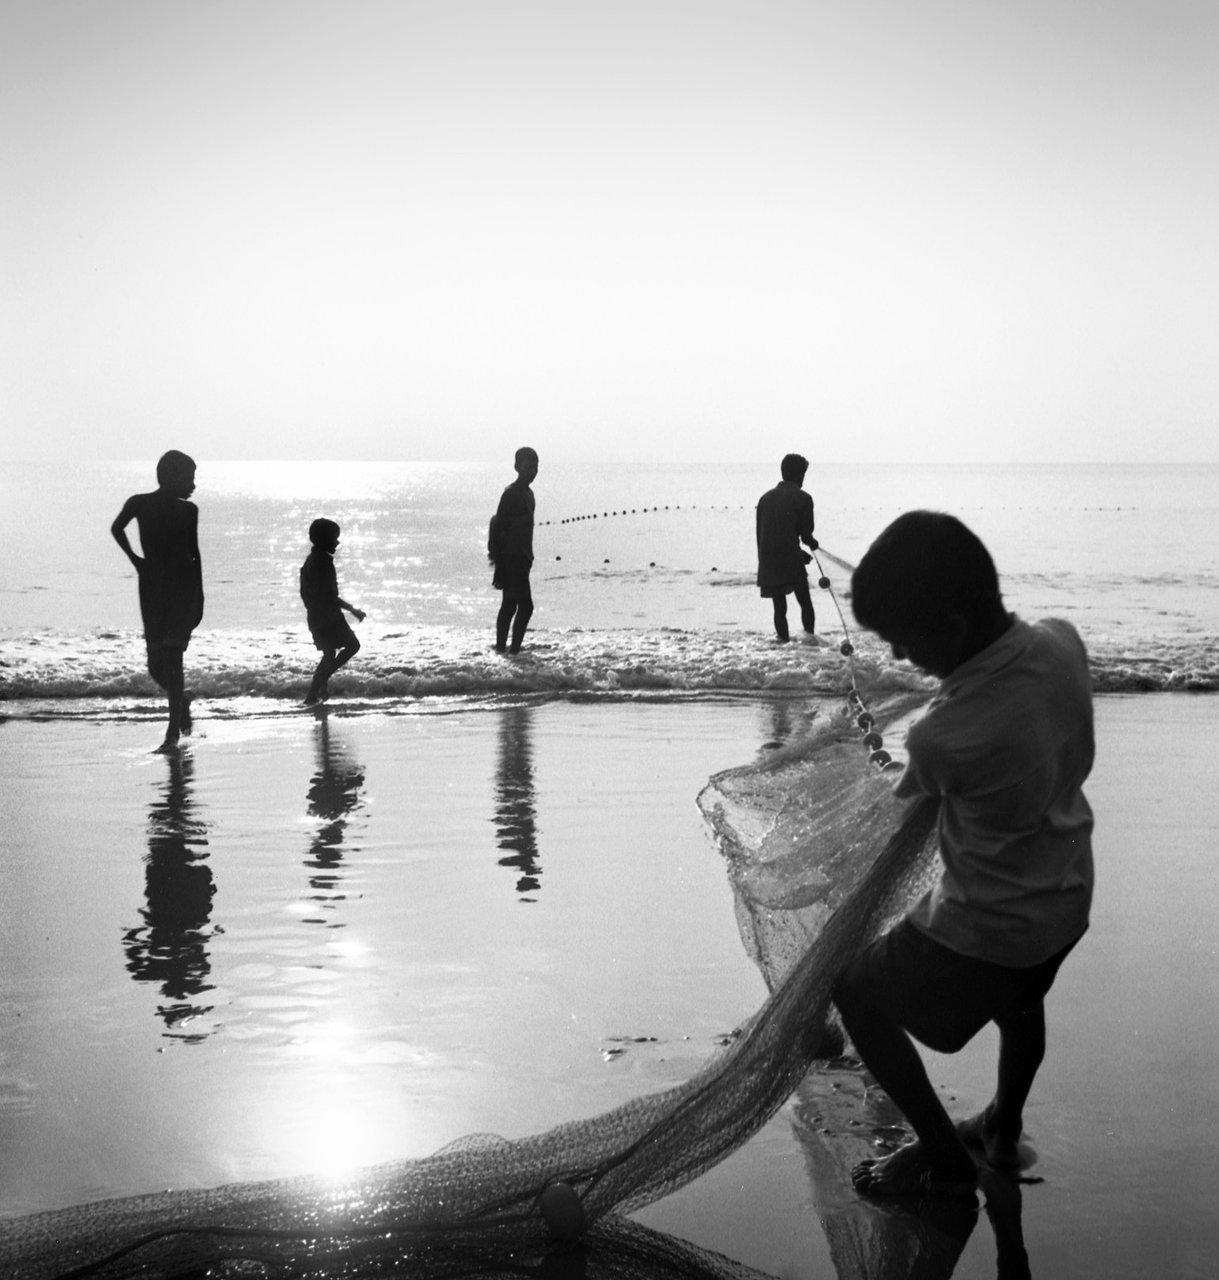 Fishermen at Sunset, Gokarna